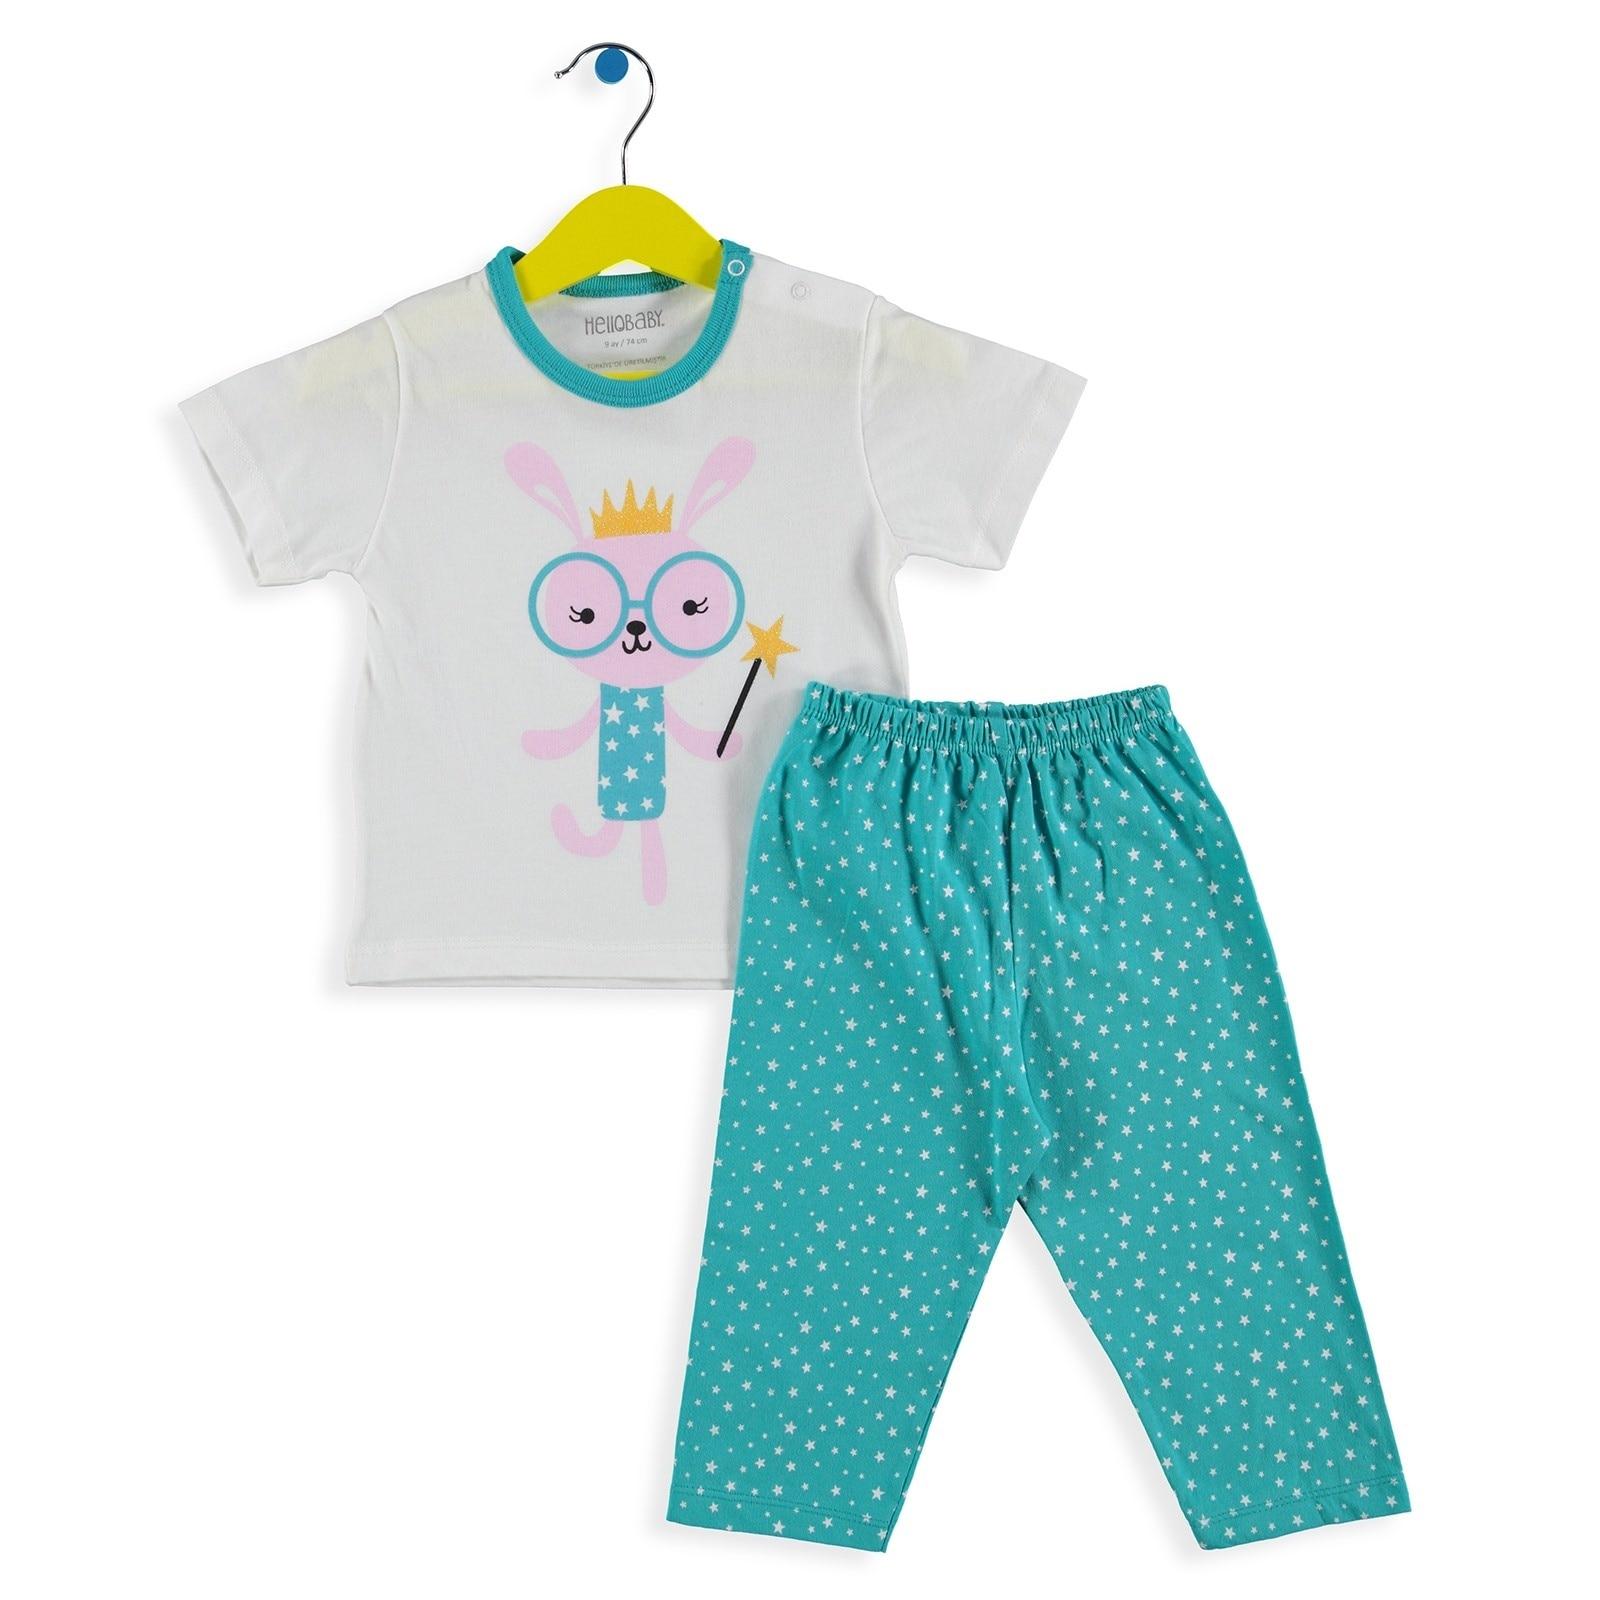 Ebebek HelloBaby Short Sleeve Pyjamas Set